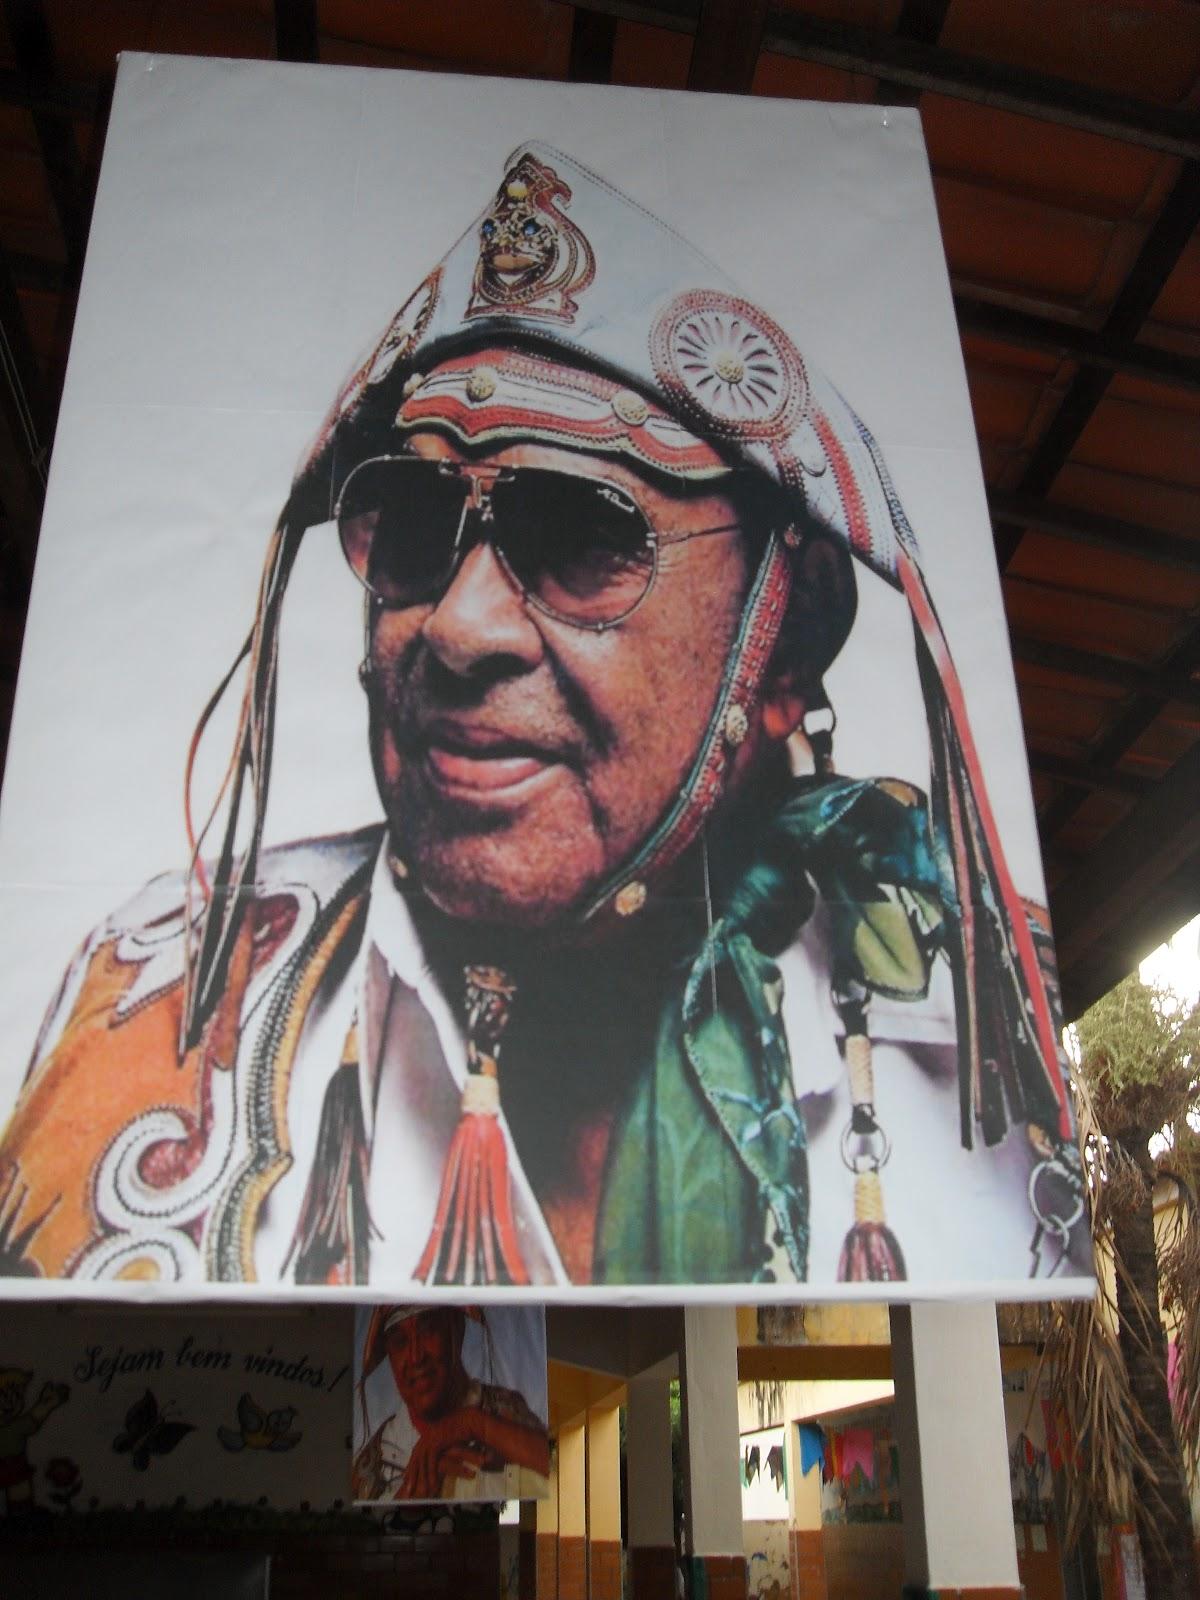 A Família Ester Guimarães homenageia no mês de junho o nosso mestre maior LUIZ GONGAGA retratando a sua saga. Luiz gonzaga constitui a representação da alma ... - SDC11025